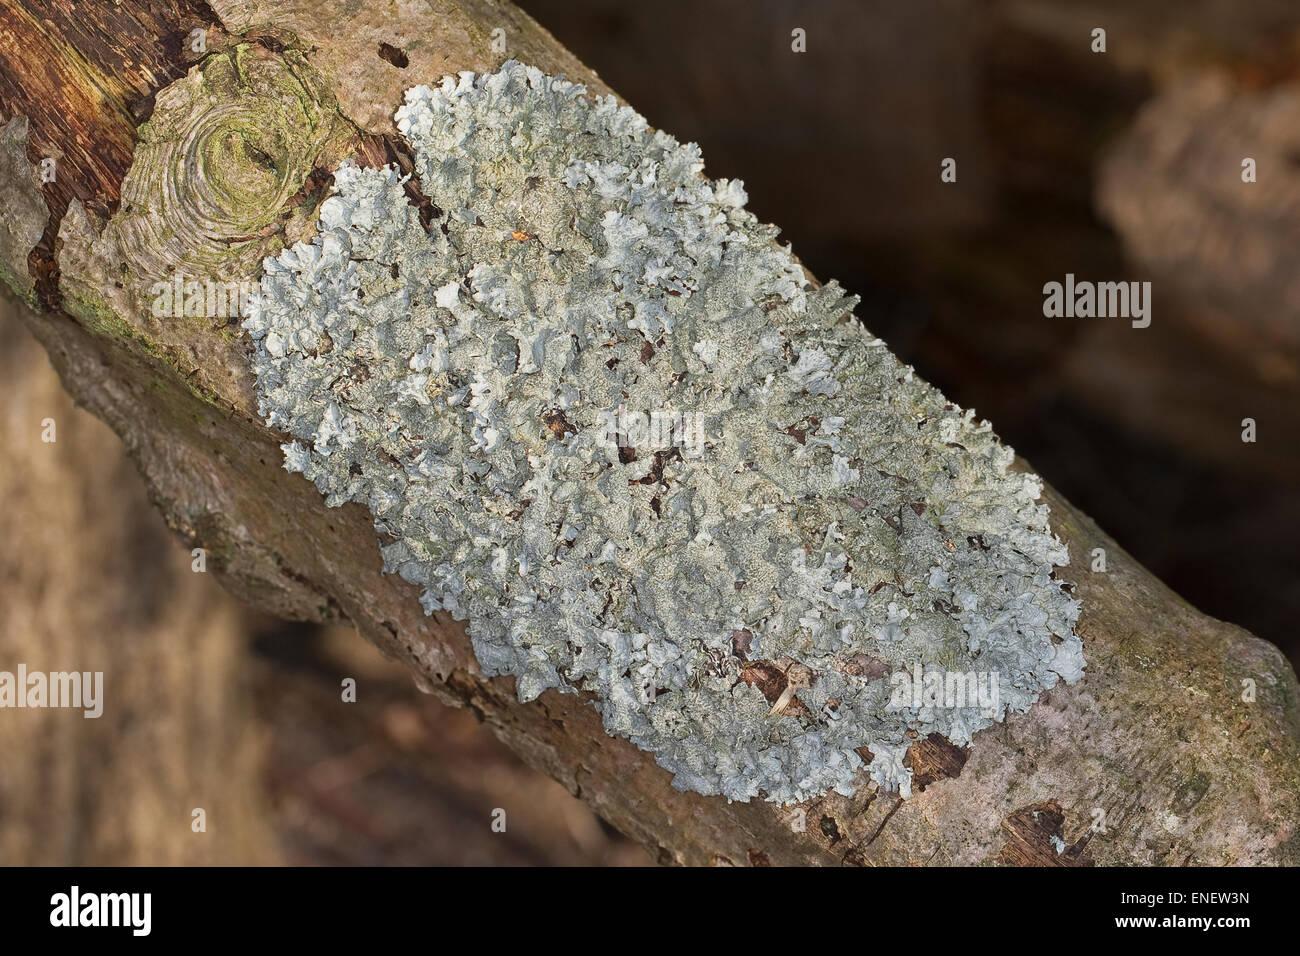 Shield Lichen, Felsen-Schüsselflechte, Fels-Schüsselflechte, Steinmoos, Schüssel-Flechte, Blattflechte, - Stock Image